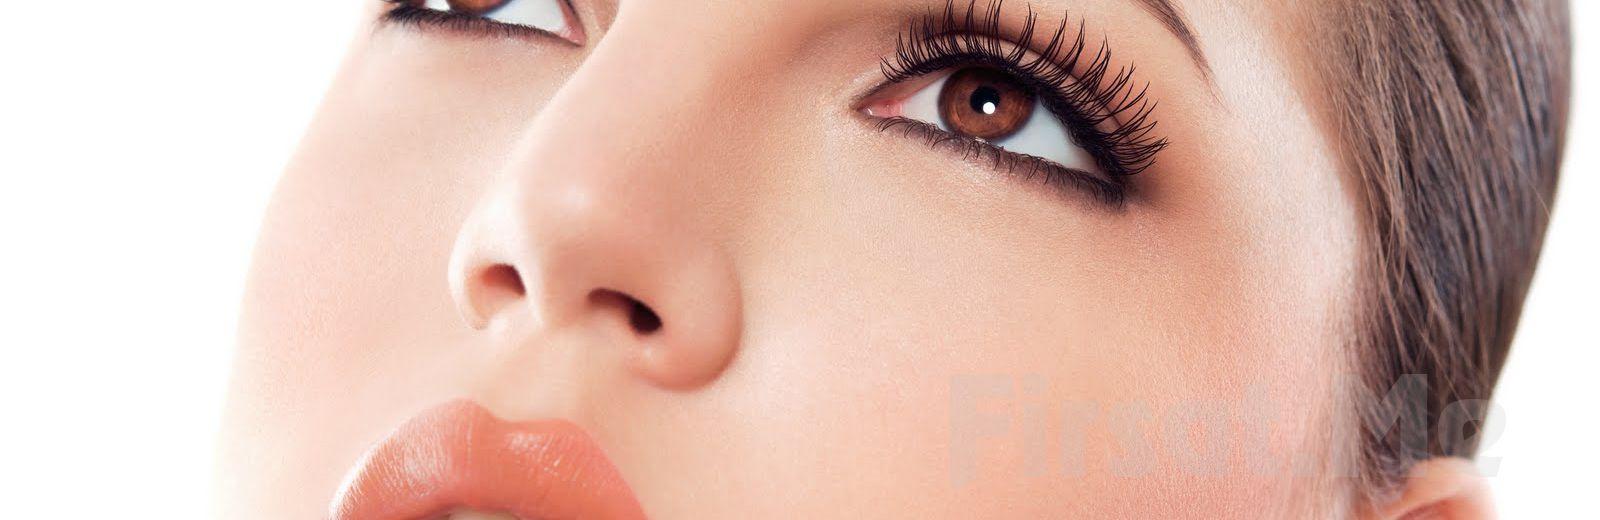 Erenköy Mirabella Güzellik Salonu'ndan Kıl Tekniği Yöntemiyle BİOEVOLUTİON Su Bazlı Bitkisel Ürünlerle Kaş, Eyeliner veya Dudak Kontürü Uygulaması!